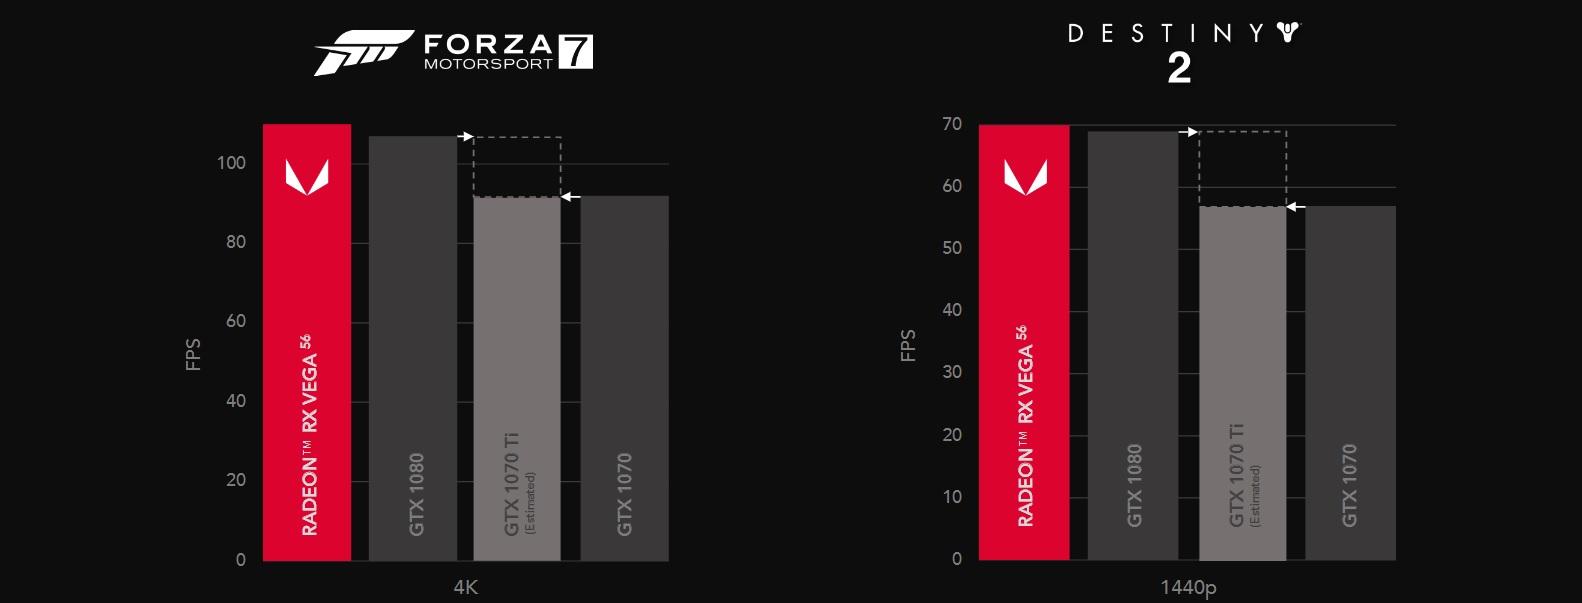 La Radeon RX Vega 56 supera a la GTX 1080 en algunos juegos, la optimización es clave 32